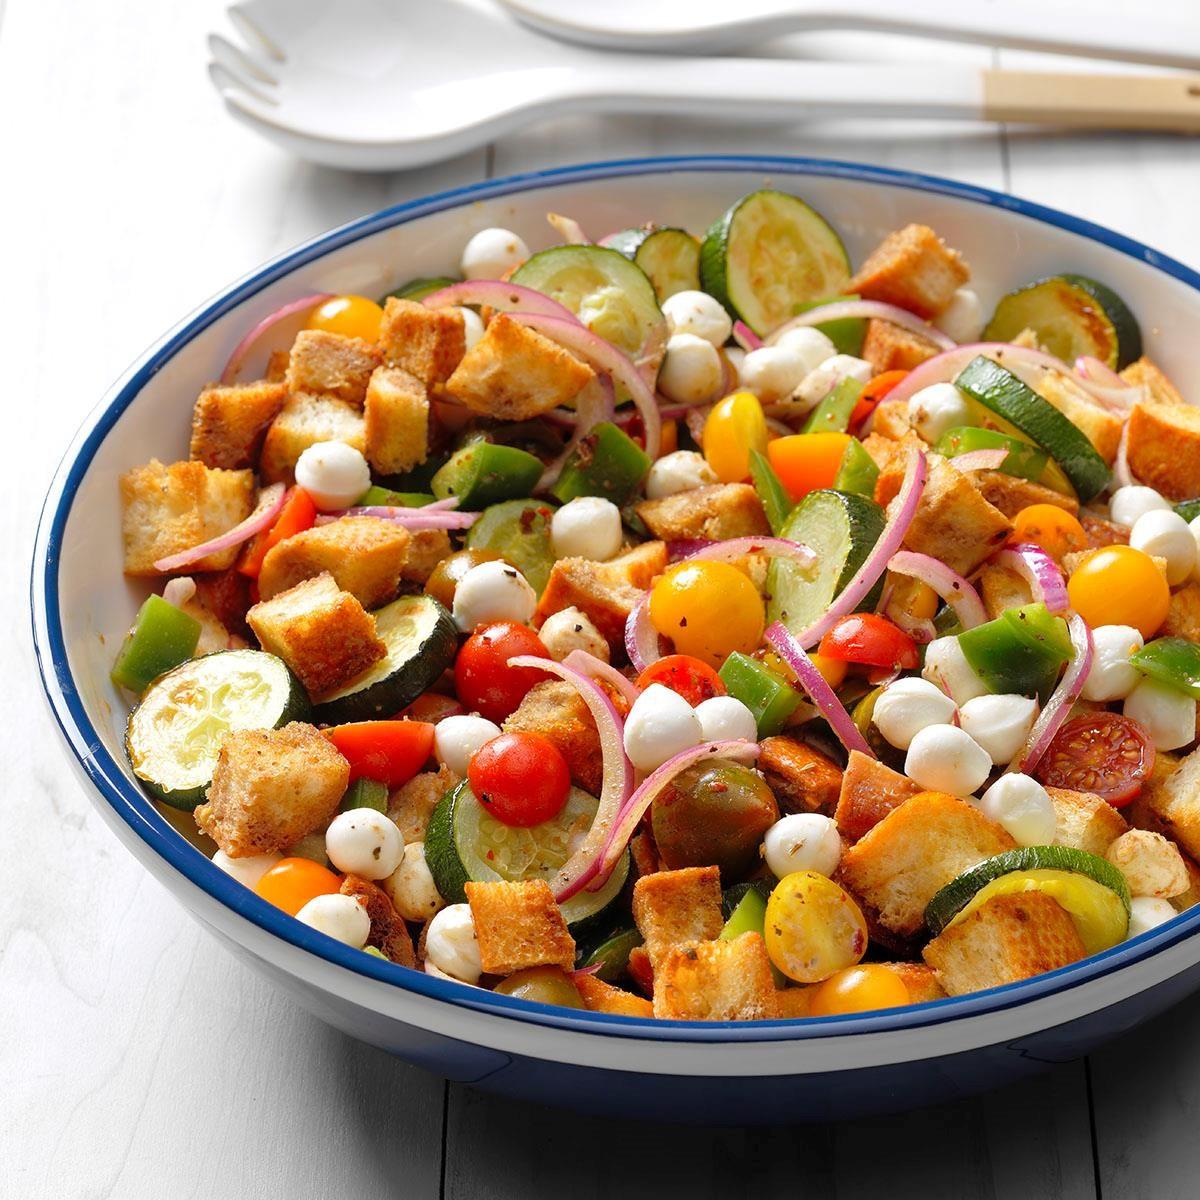 Missouri: Zucchini Panzanella Salad